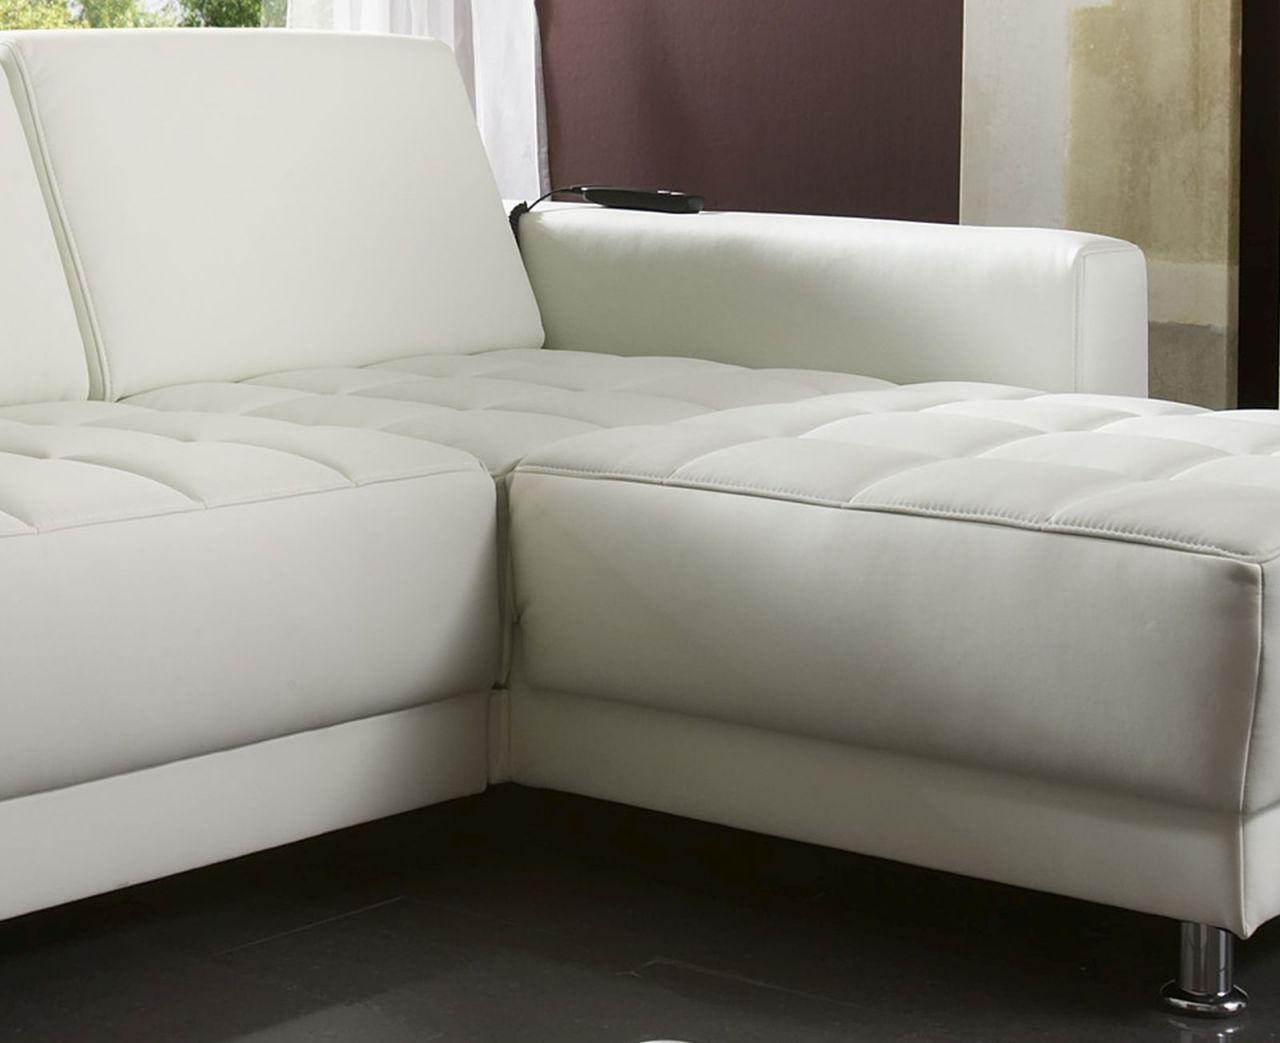 Großartig Couchgarnitur L Form Ideen Von Ecksofa Sofa Recamiere 2 Farben L-form Do-abriola-1